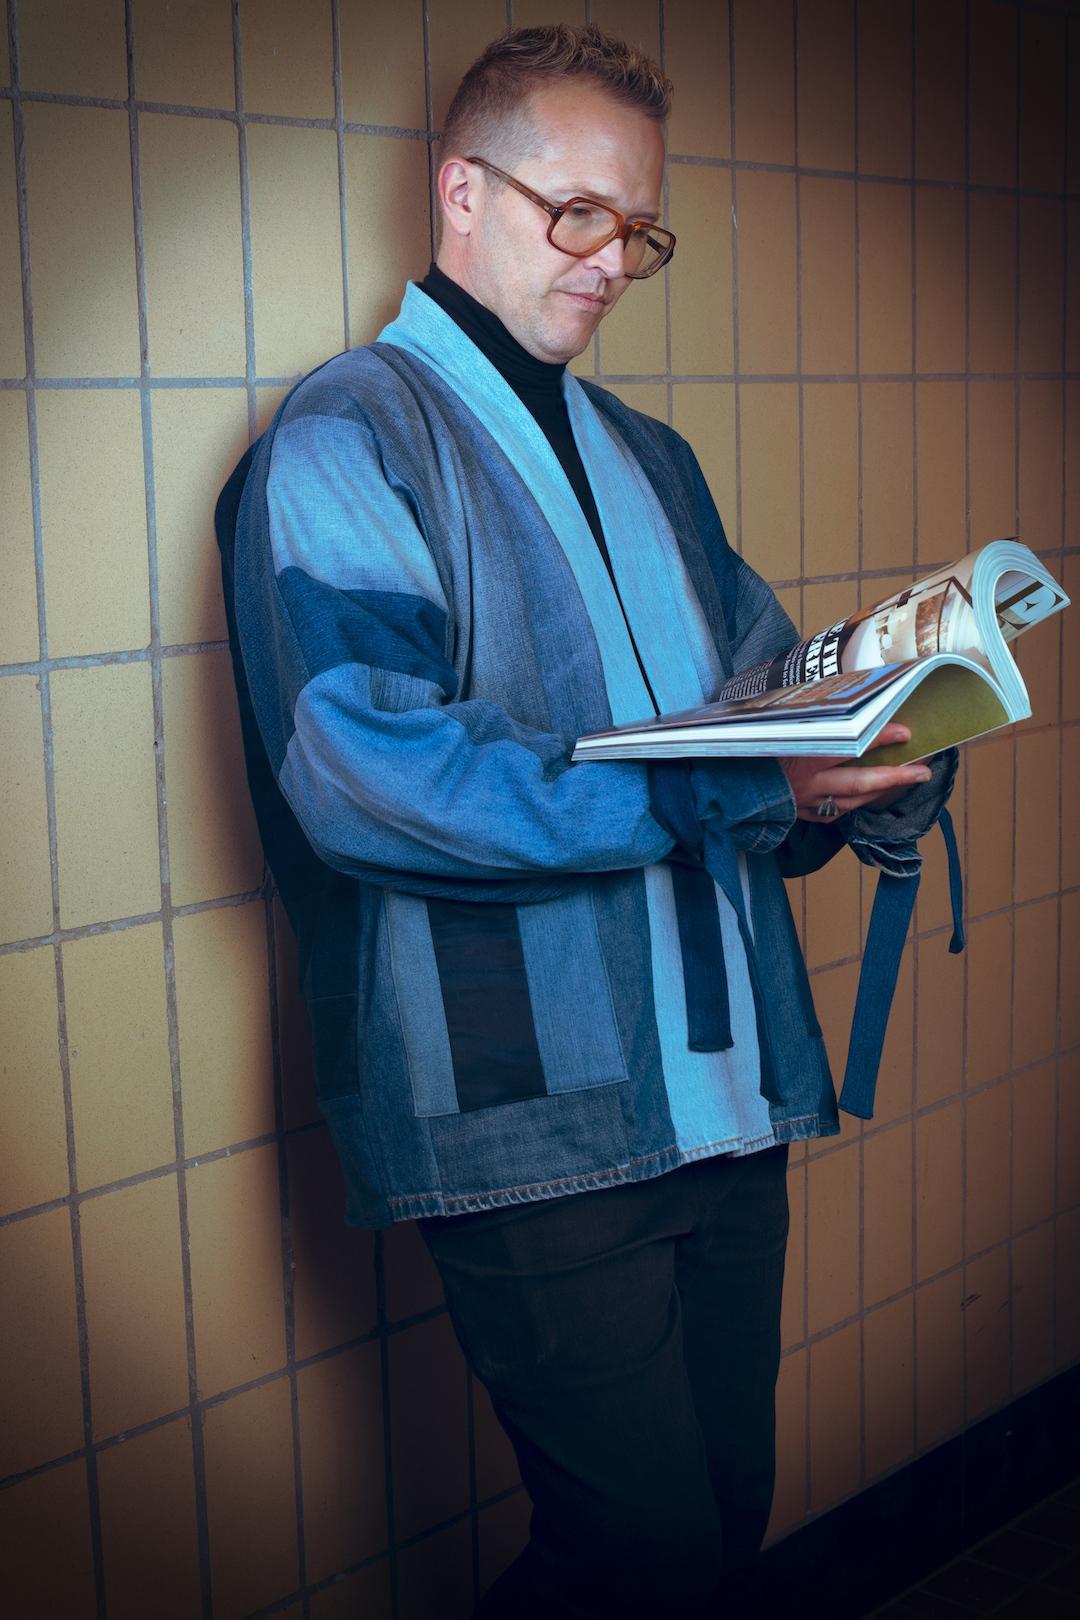 kimono hybrid Michael van der Meide